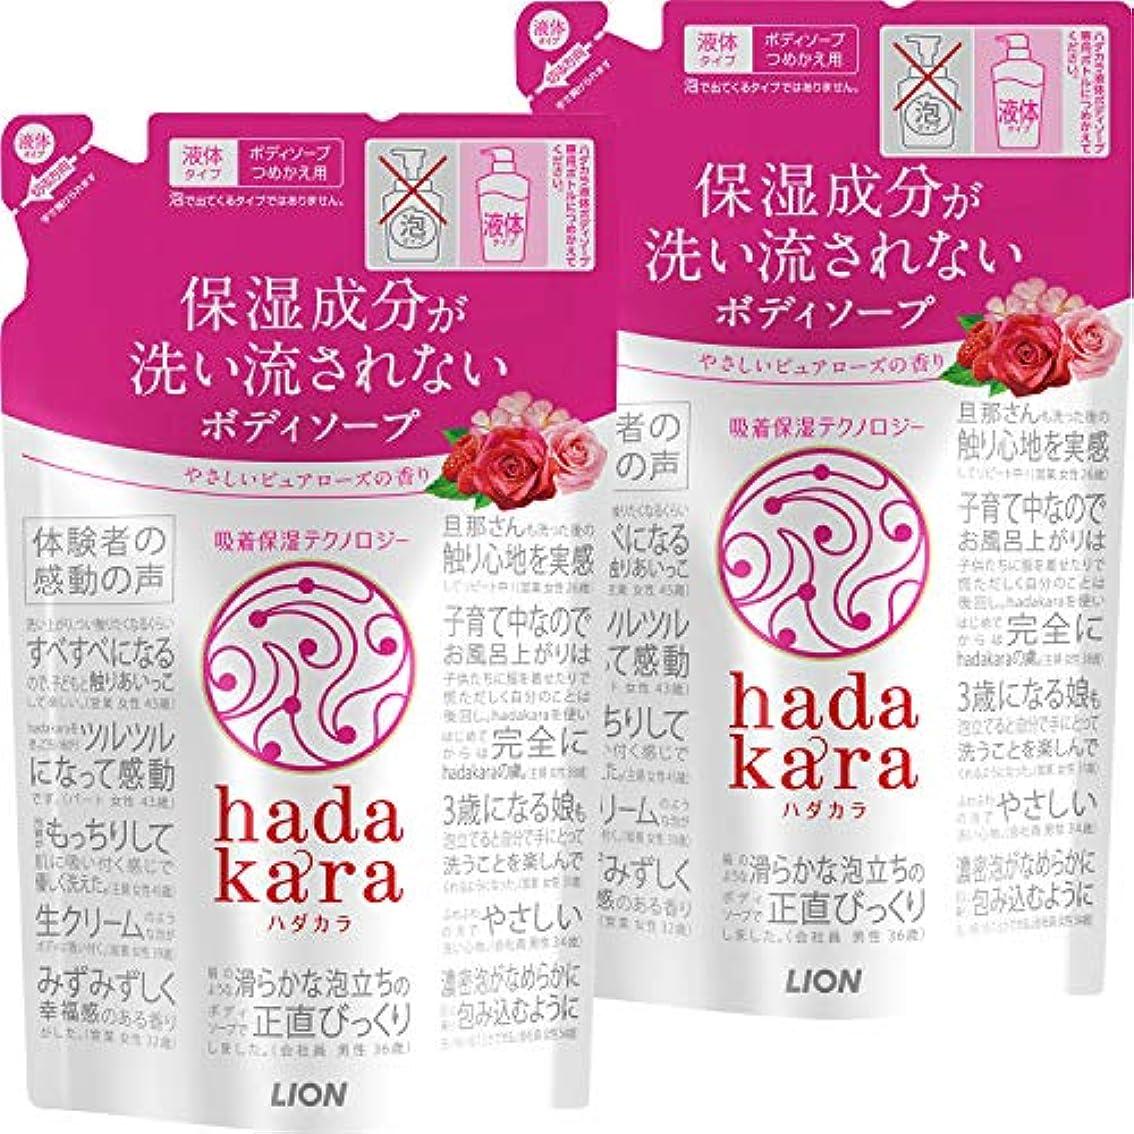 オーストラリア人中傷職業【まとめ買い】hadakara(ハダカラ) ボディソープ ピュアローズの香り 詰め替え 360ml×2個パック